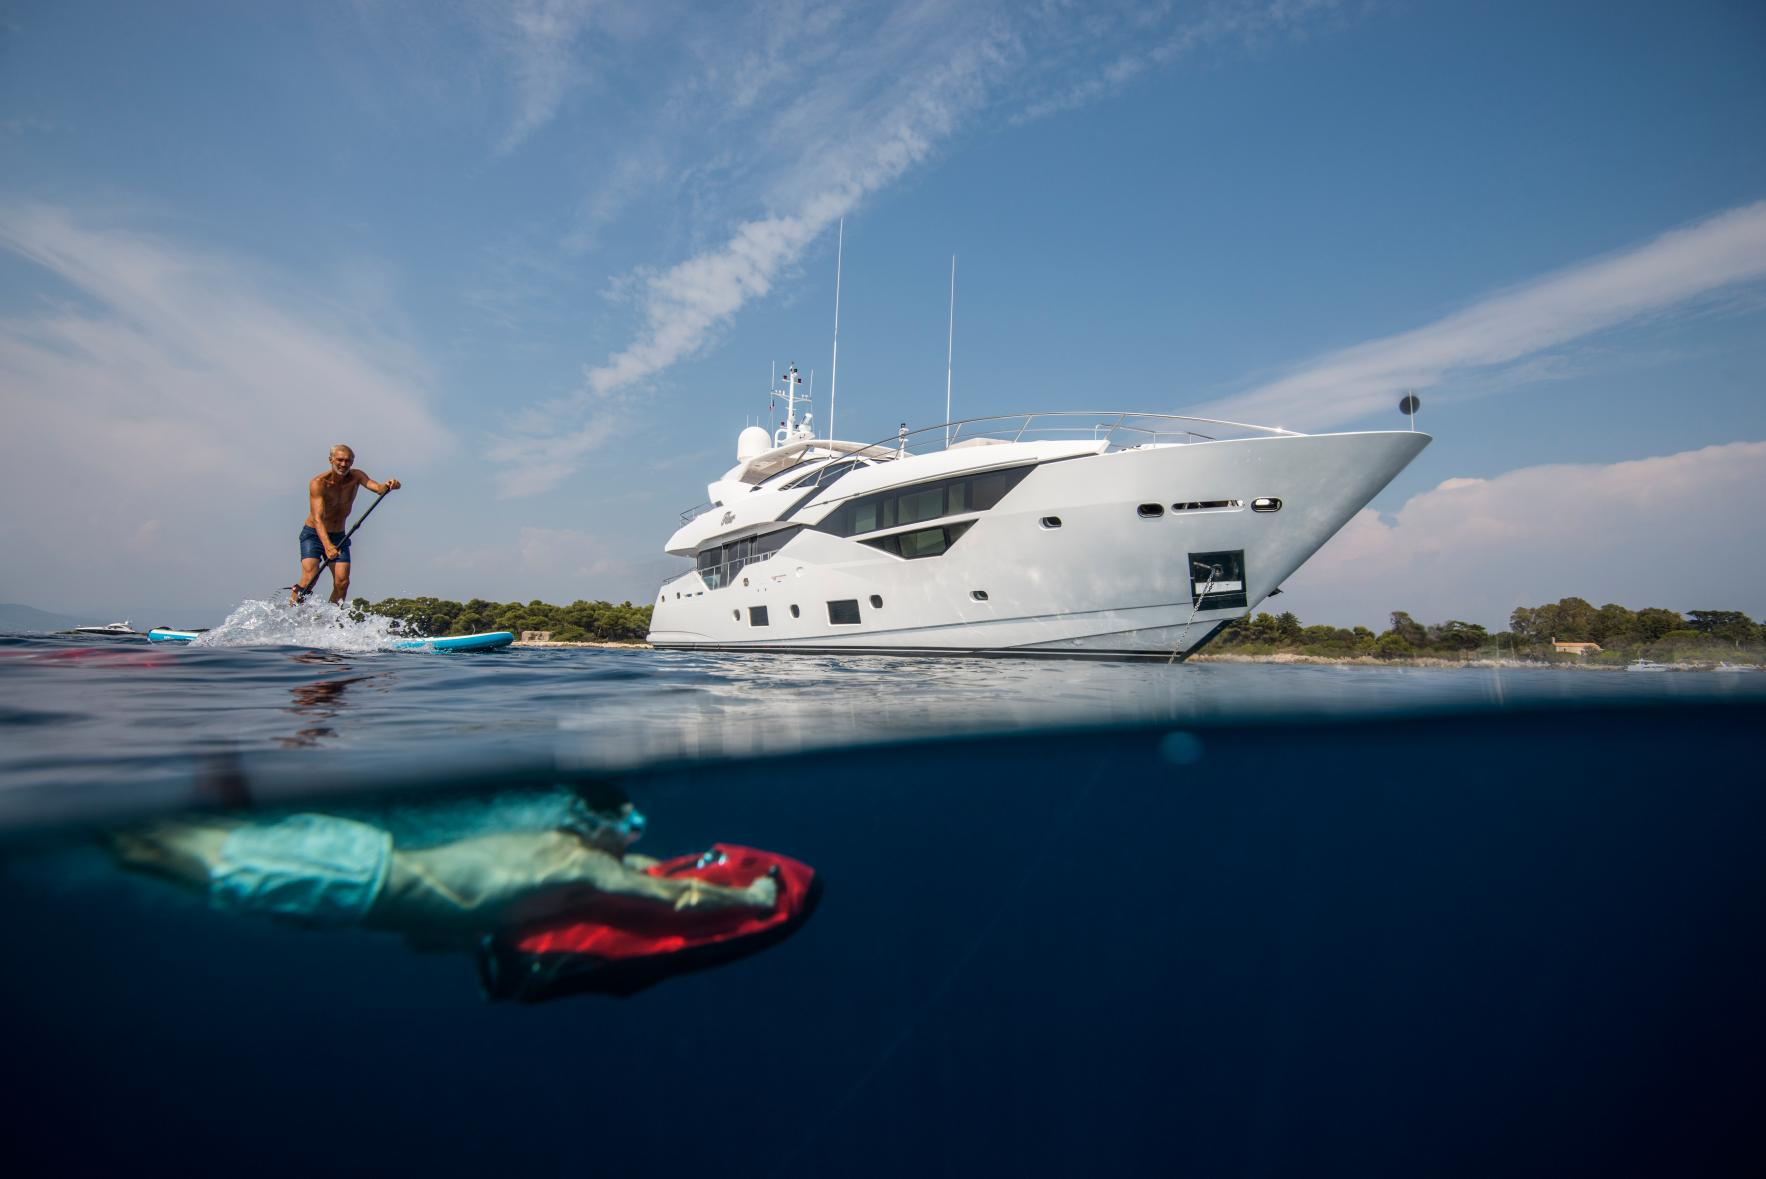 Venta yacht toys